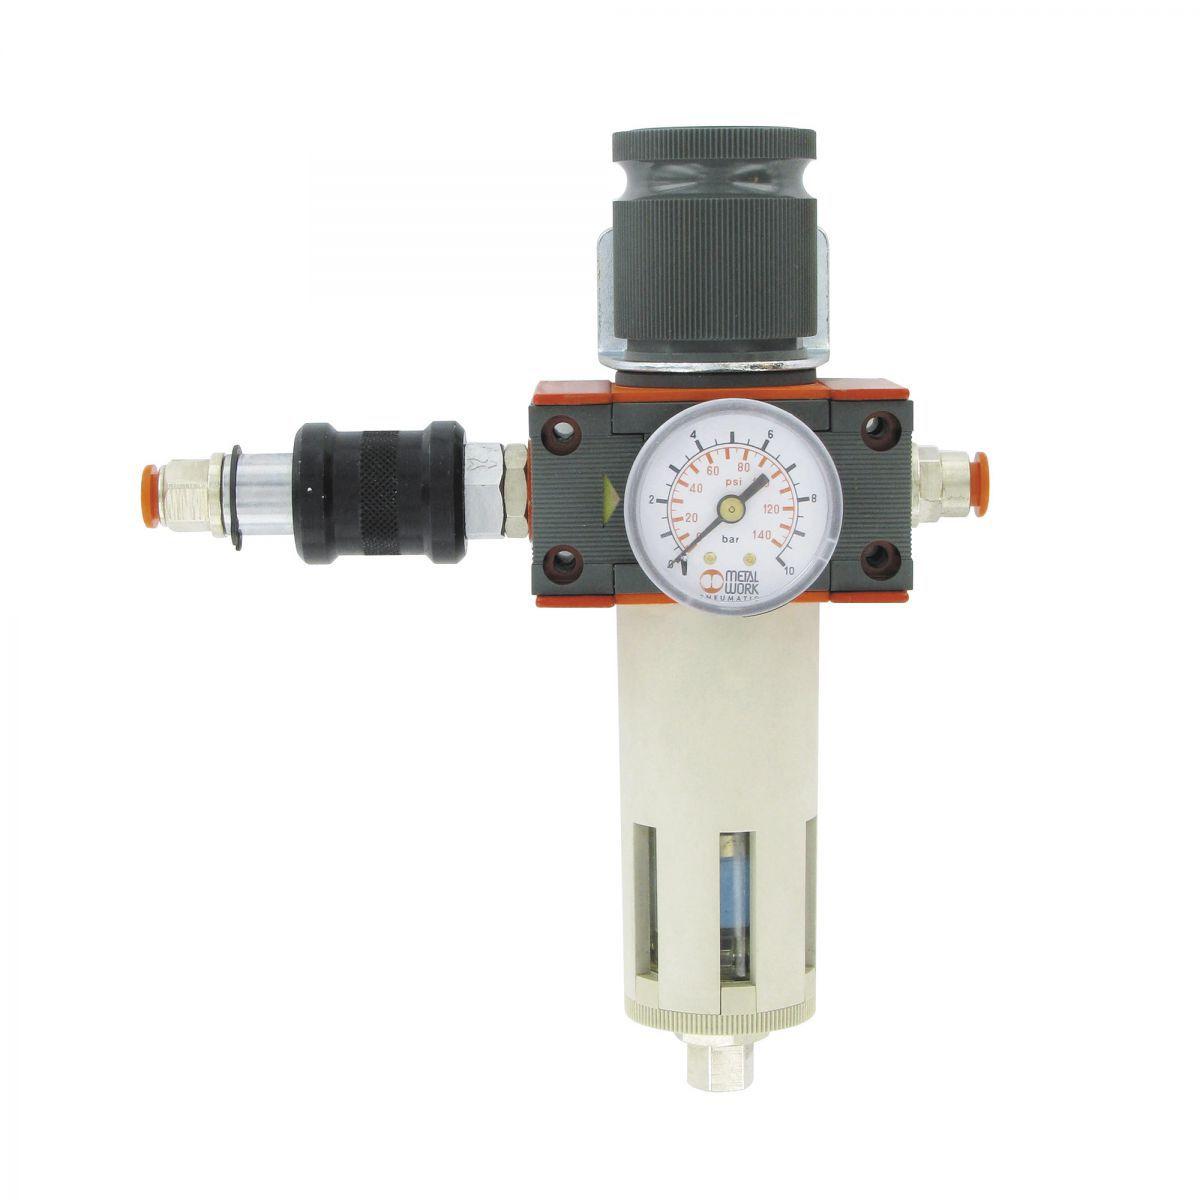 druckregler mit filter wasserfnger und automatischem wasserablass